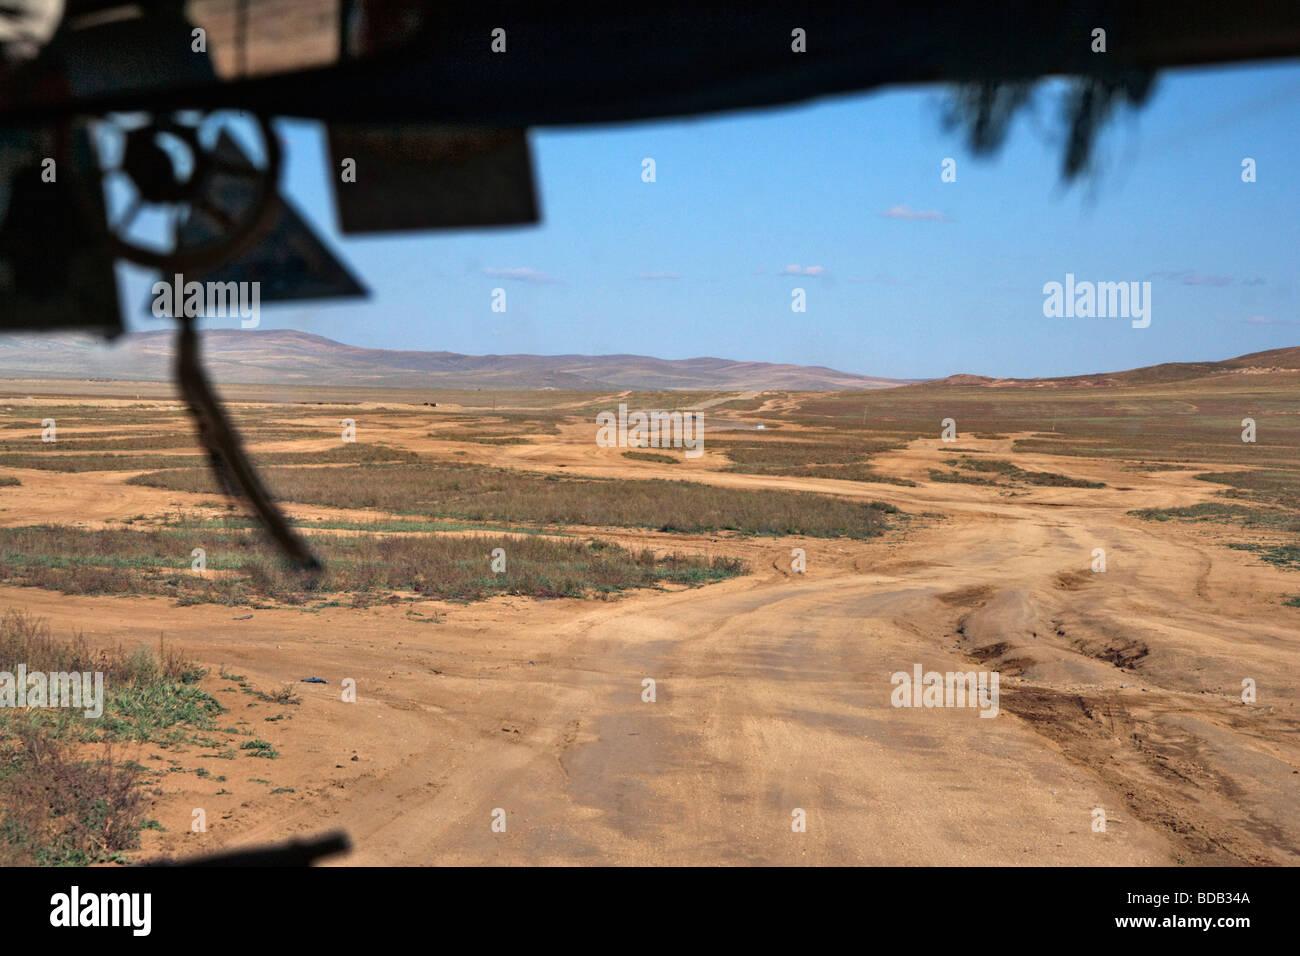 Vía pública mongola, visto desde una furgoneta del viajero, al norte de Mongolia central Foto de stock